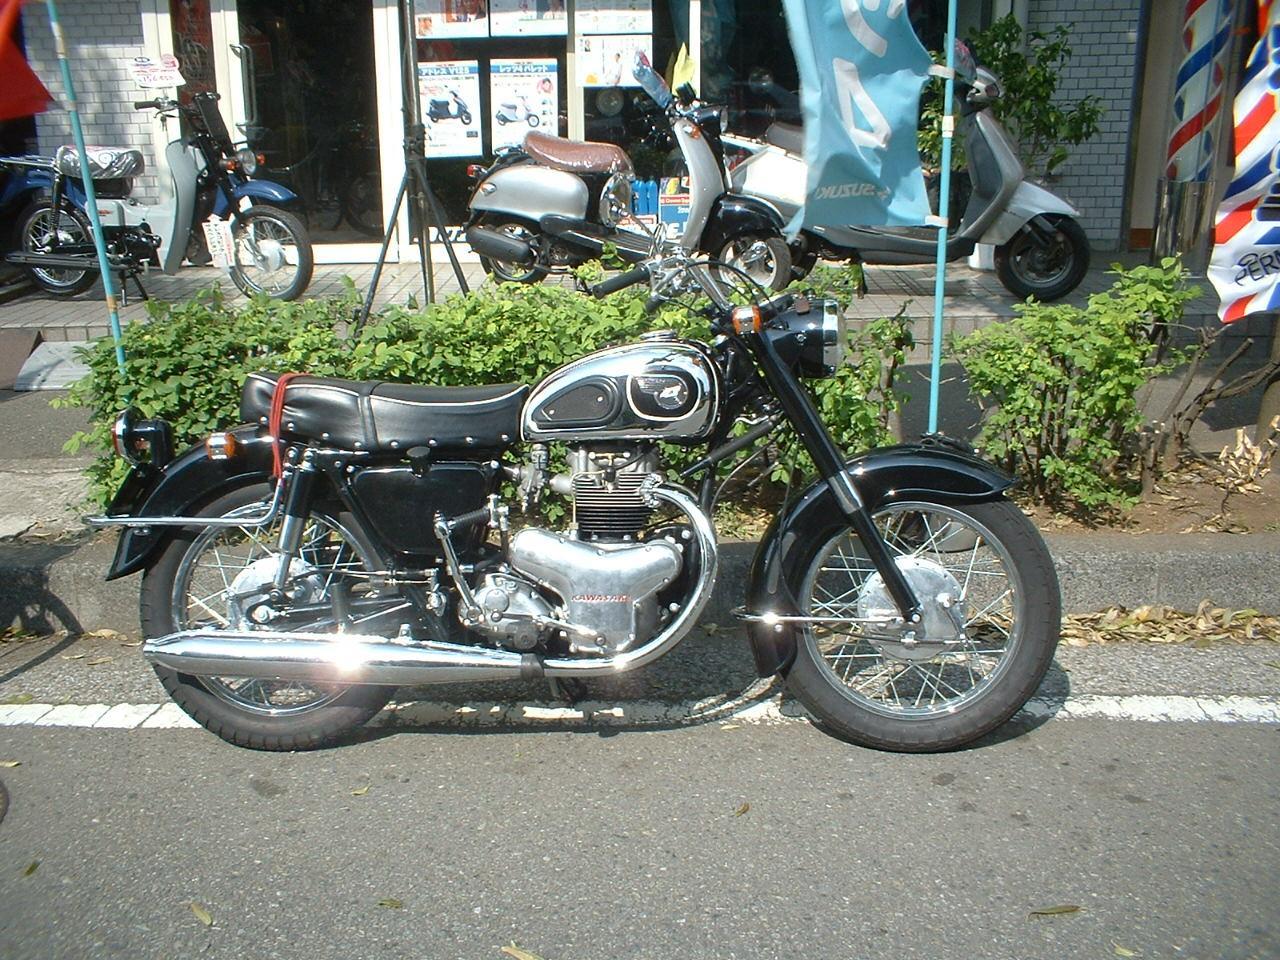 バイクが動かない!そんな時こそバイクの出張修理を頼むと良い?!のサムネイル画像